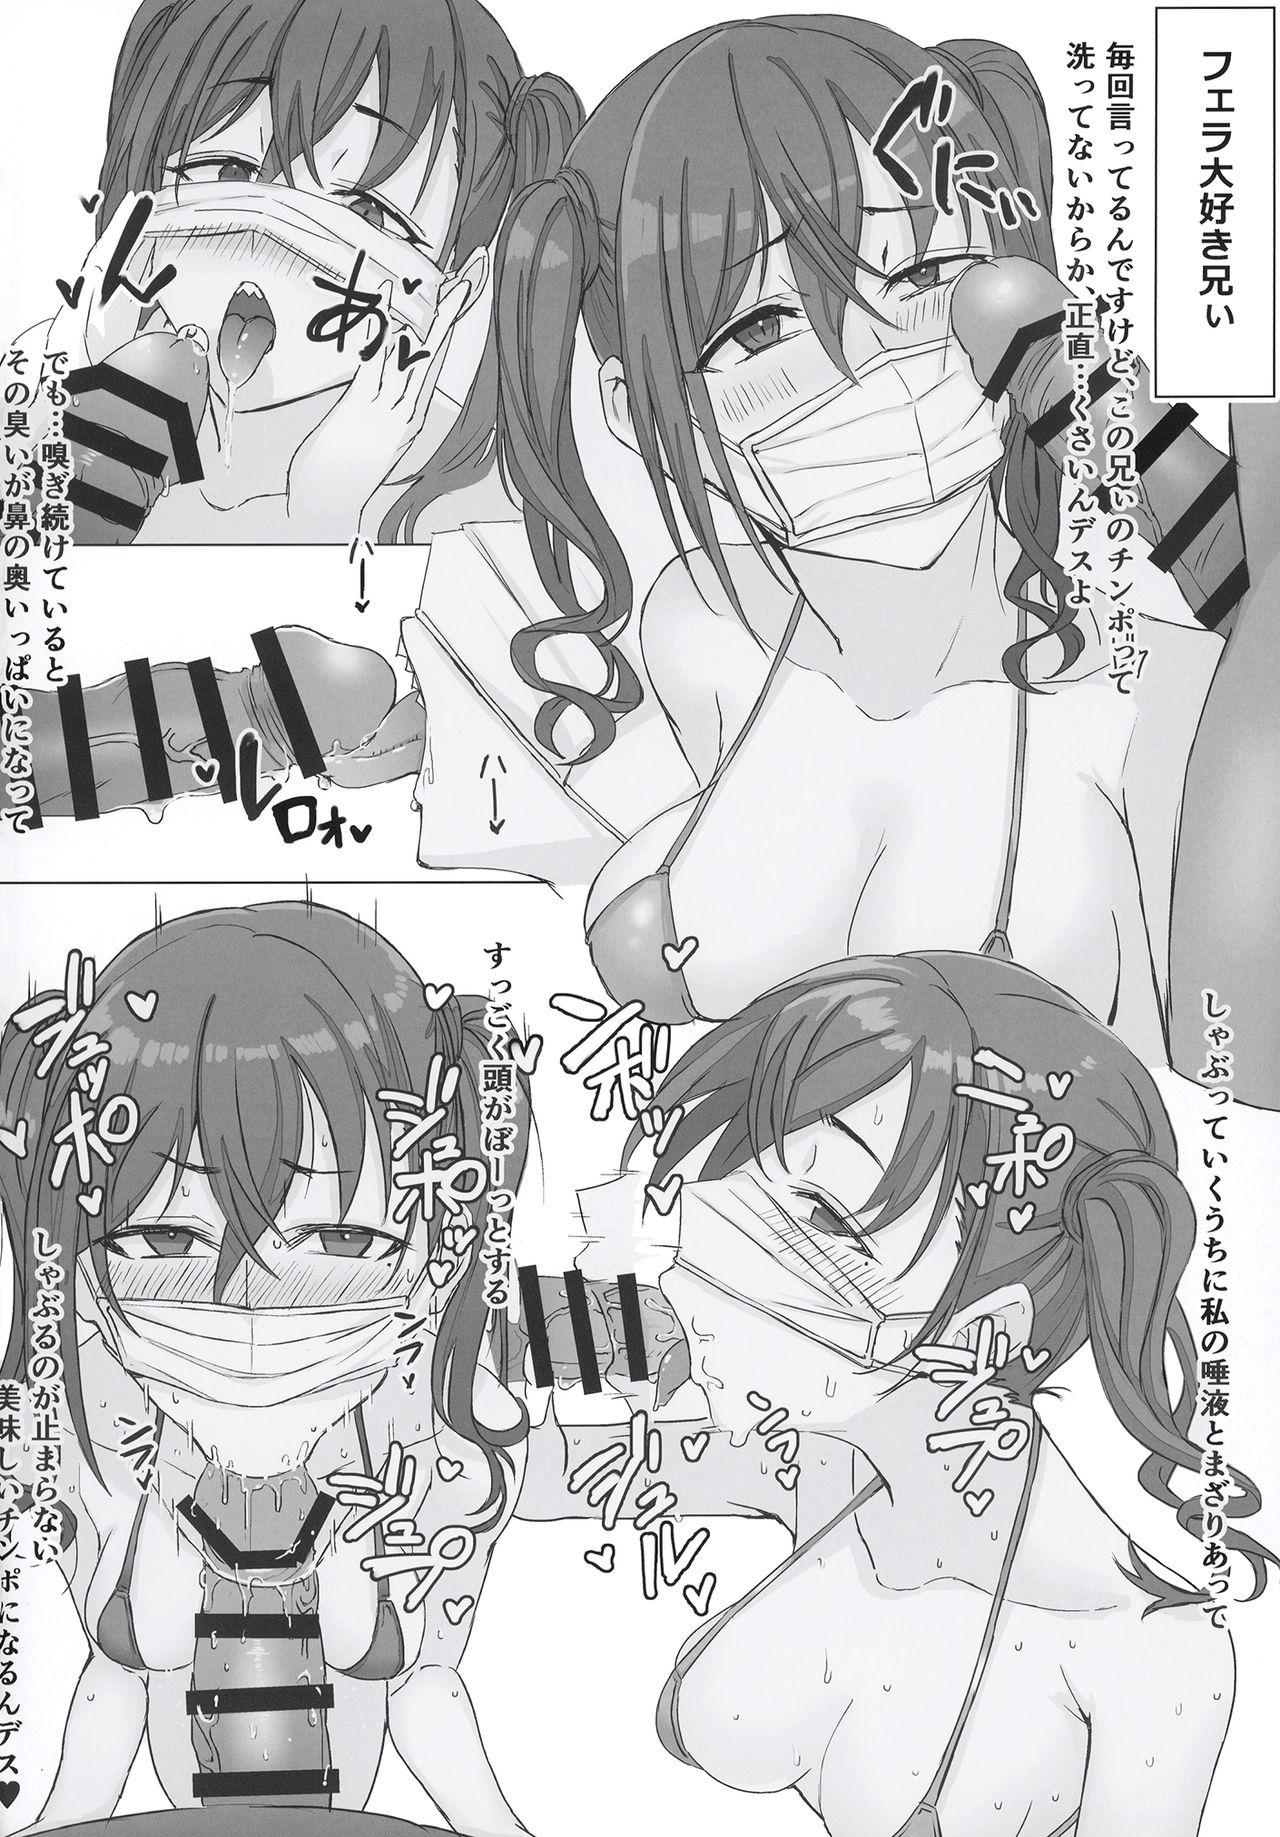 [Desk Work (Ashita)] Enjo Kousai Akira to Anii (Tachi) no Seikatsu Kiroku (THE IDOLM@STER CINDERELLA GIRLS) [Digital] 13